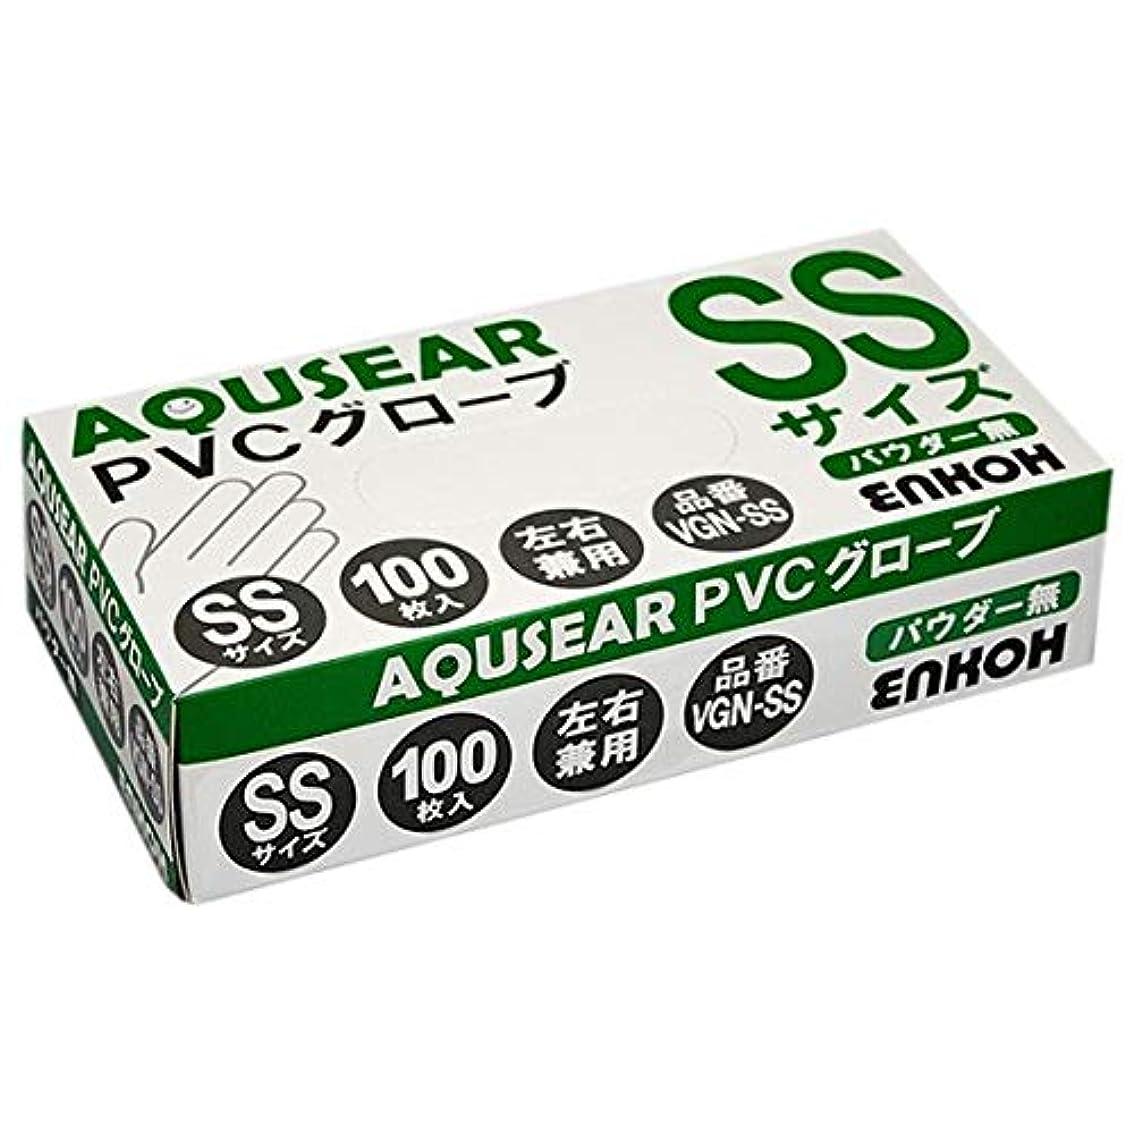 以上起きろおもちゃAQUSEAR PVC プラスチックグローブ SSサイズ パウダー無 VGN-SS 100枚×20箱